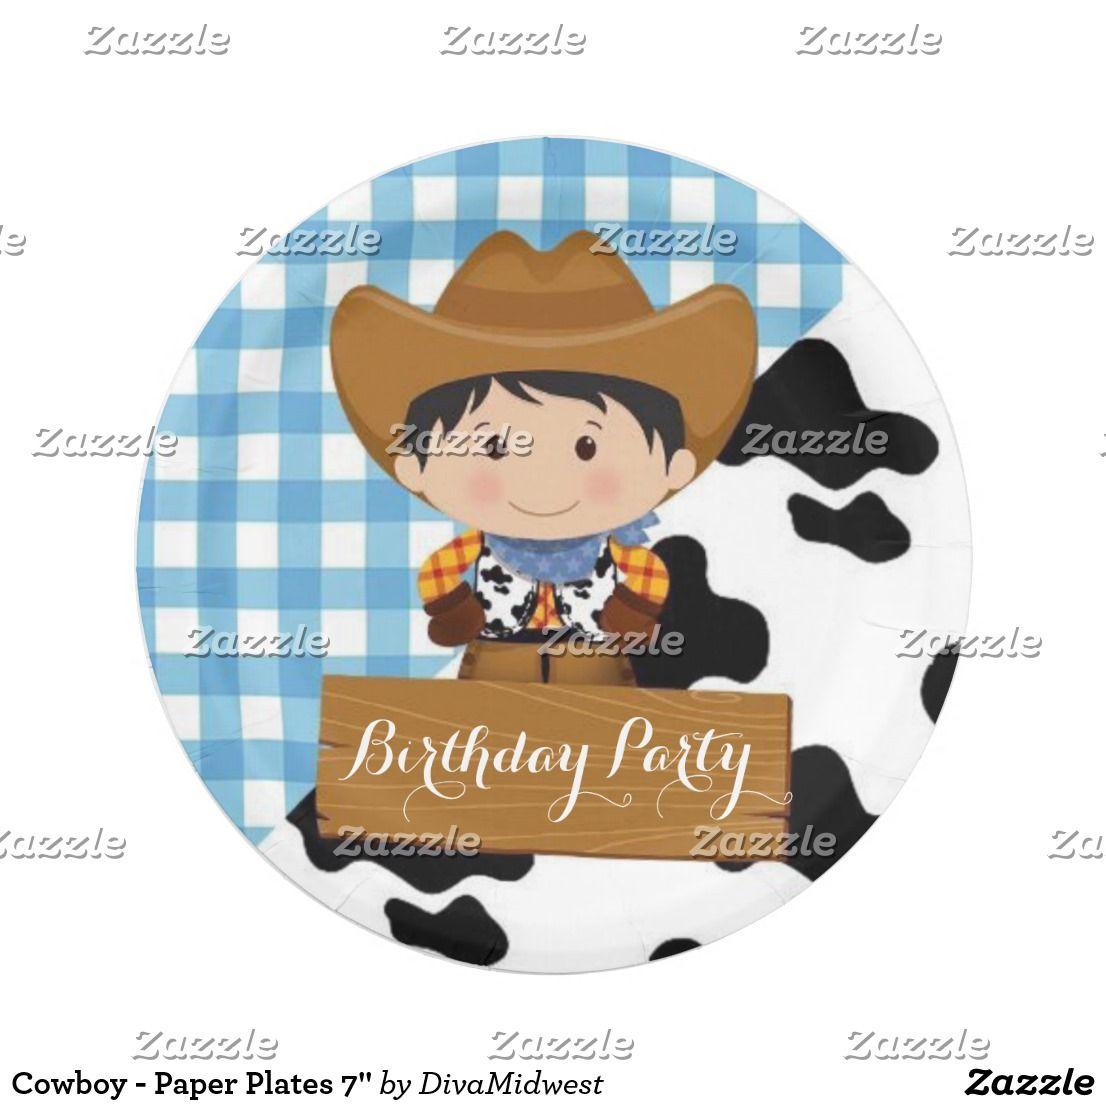 sc 1 st  Pinterest & Cowboy - Paper Plates 7